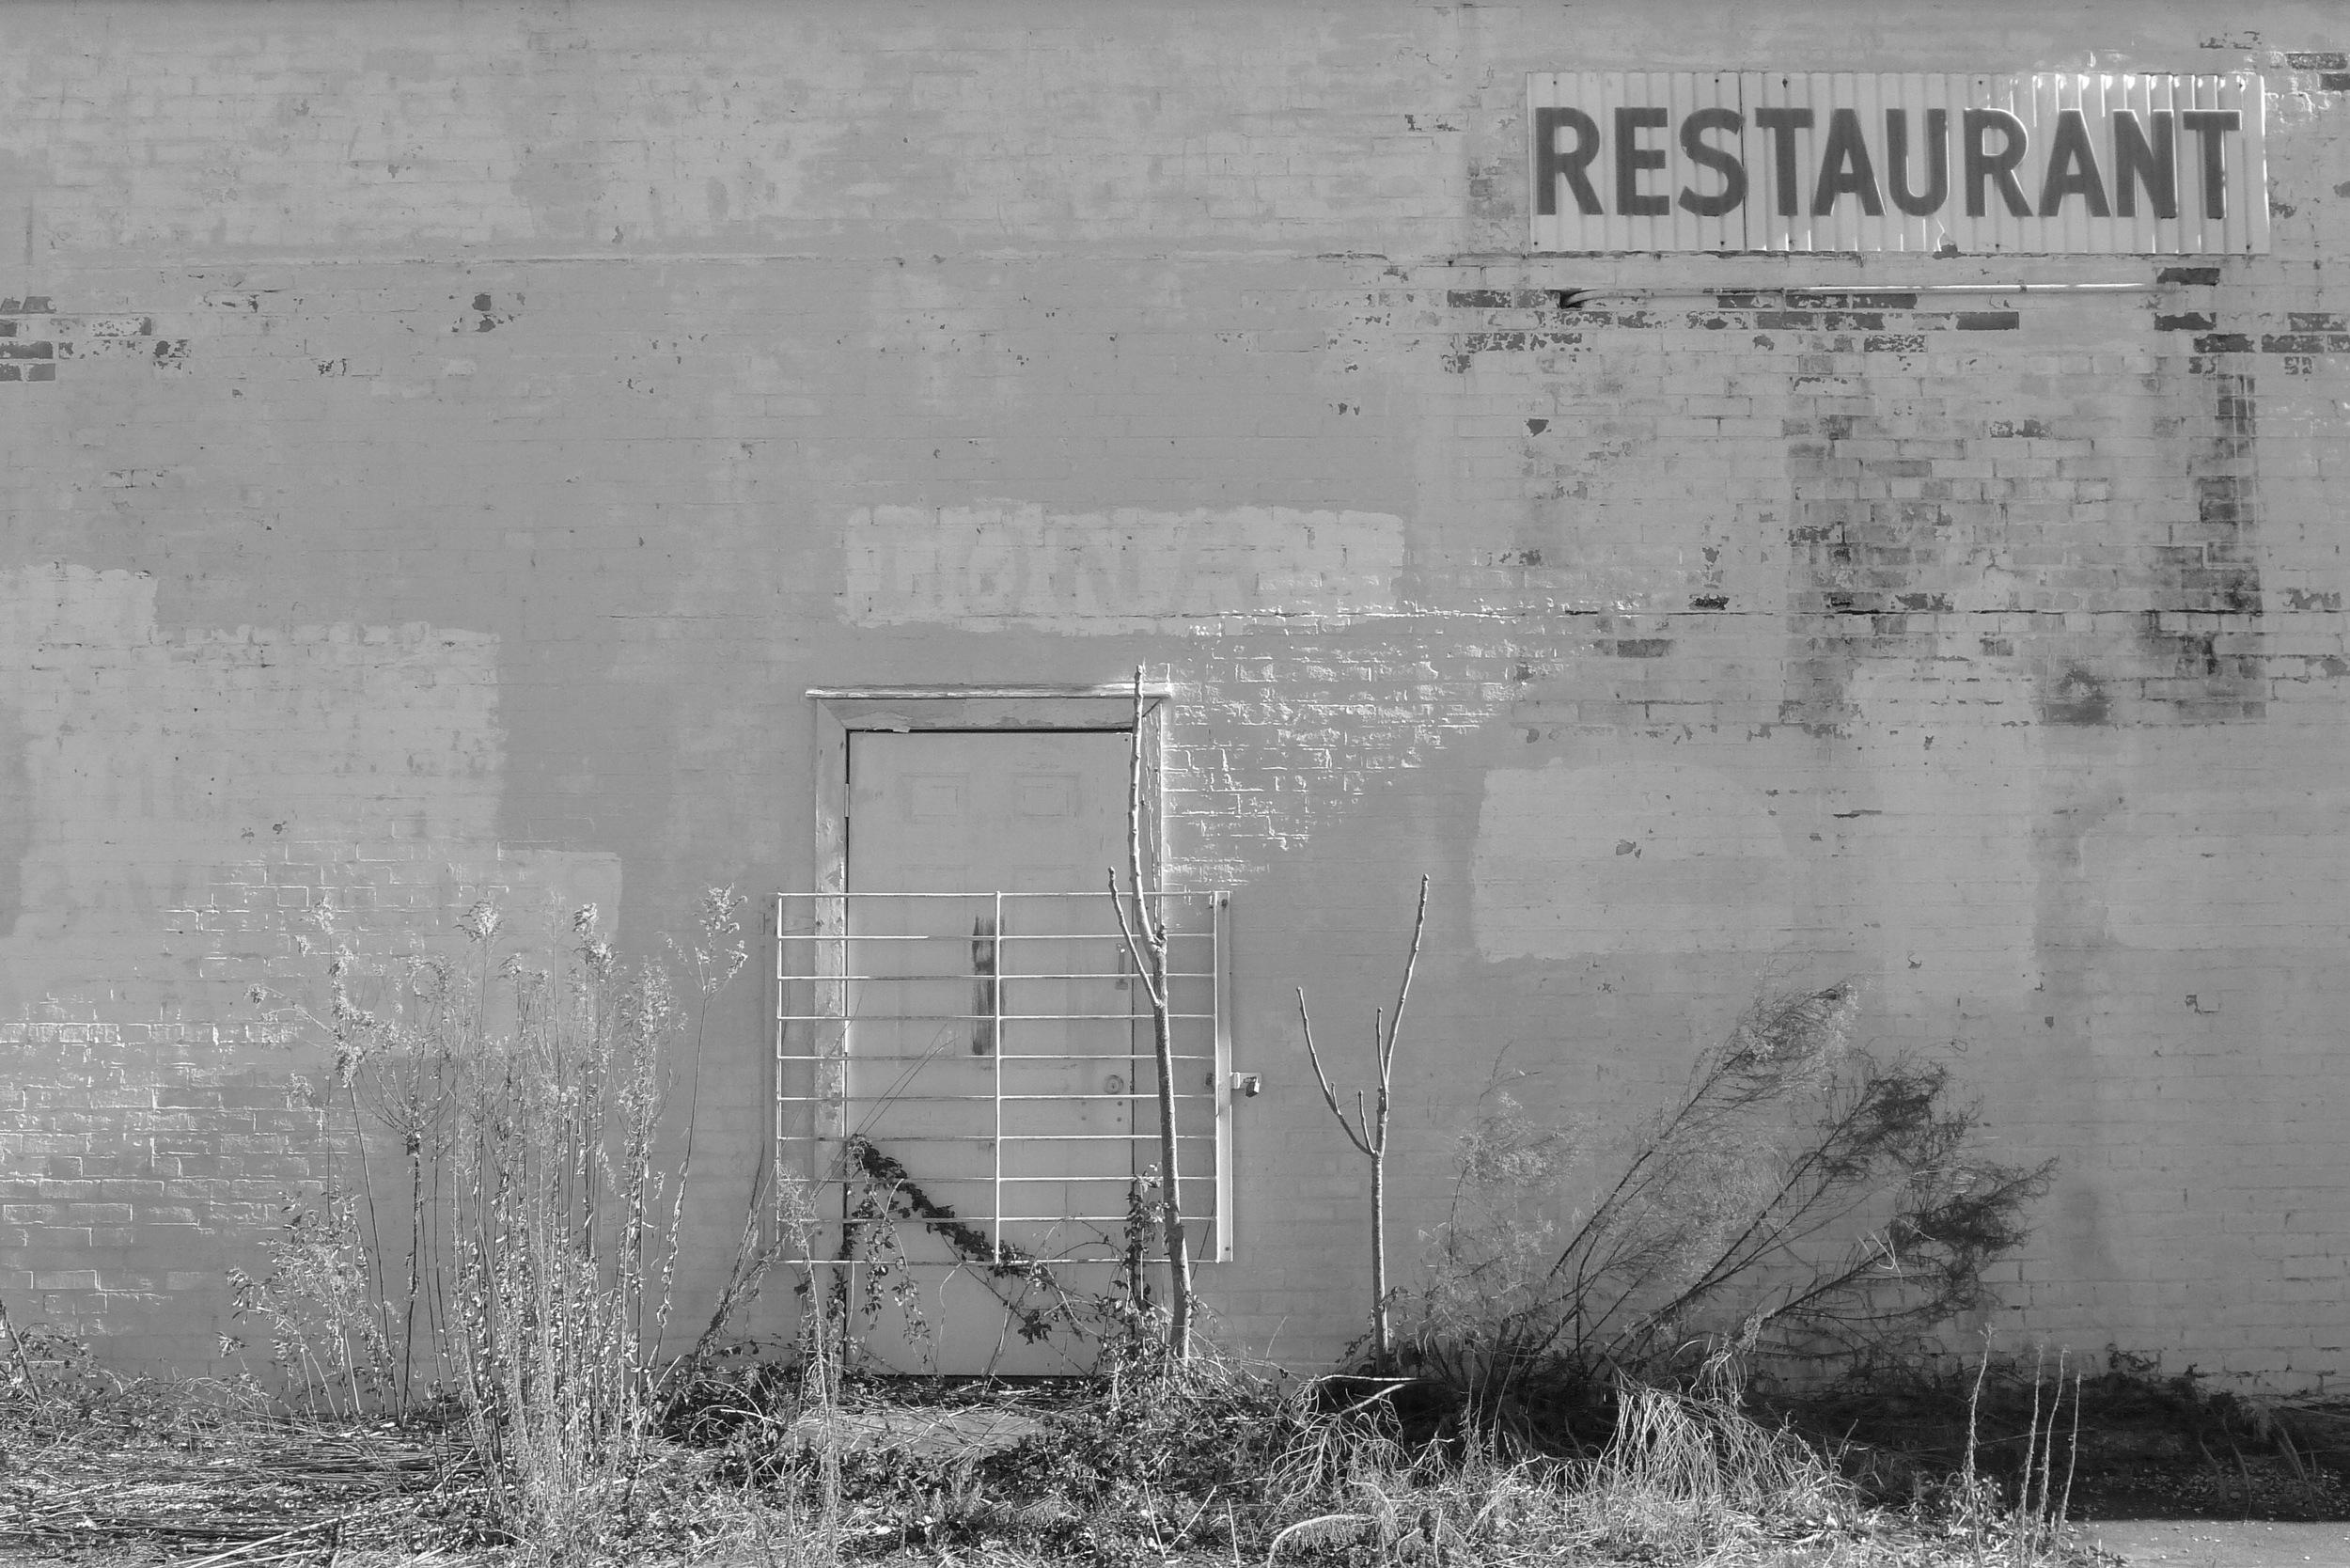 Restaurant, Augusta, GA 2015